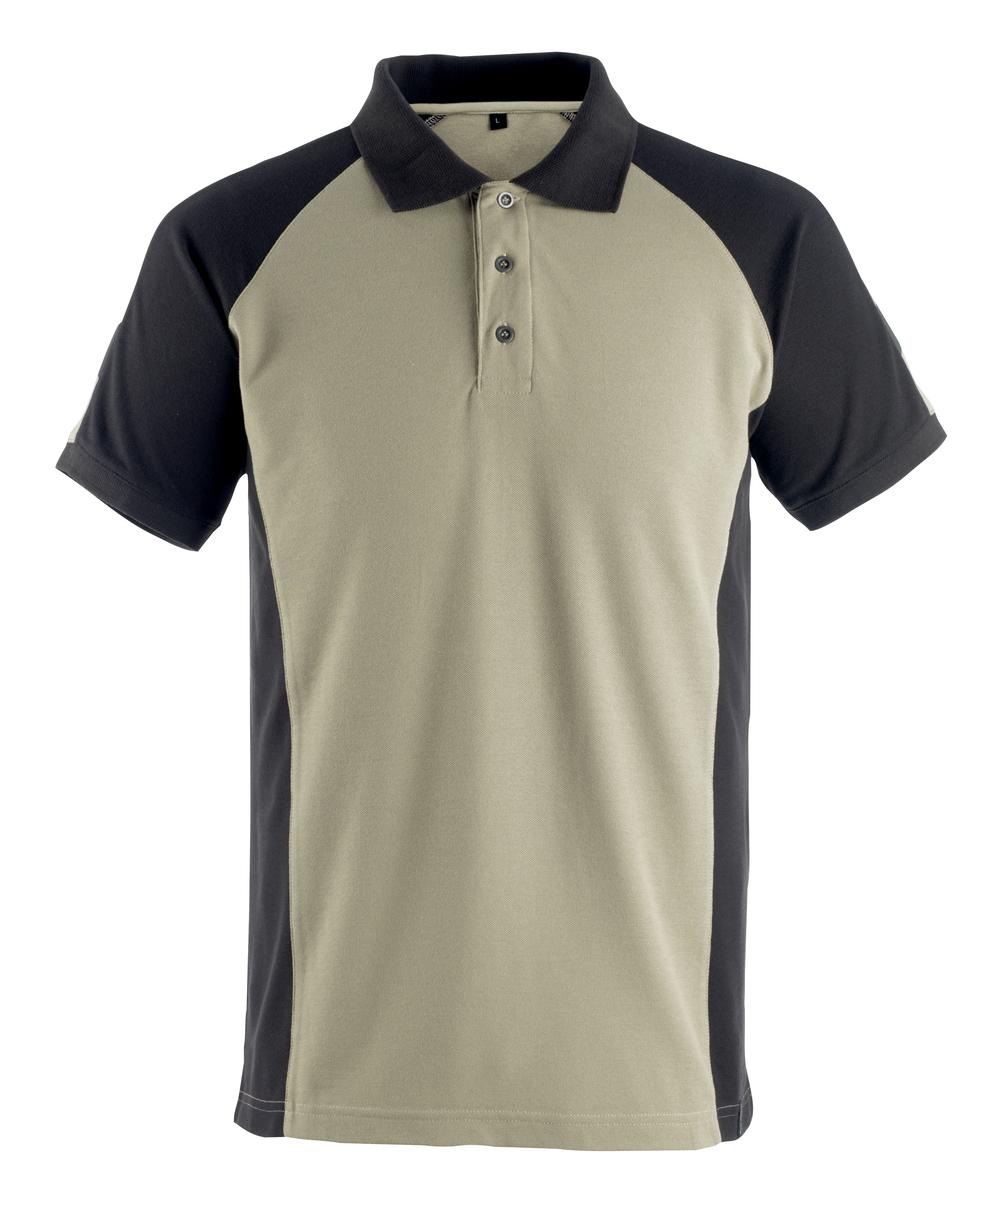 50502-260-5509 Polo shirt - light khaki/black